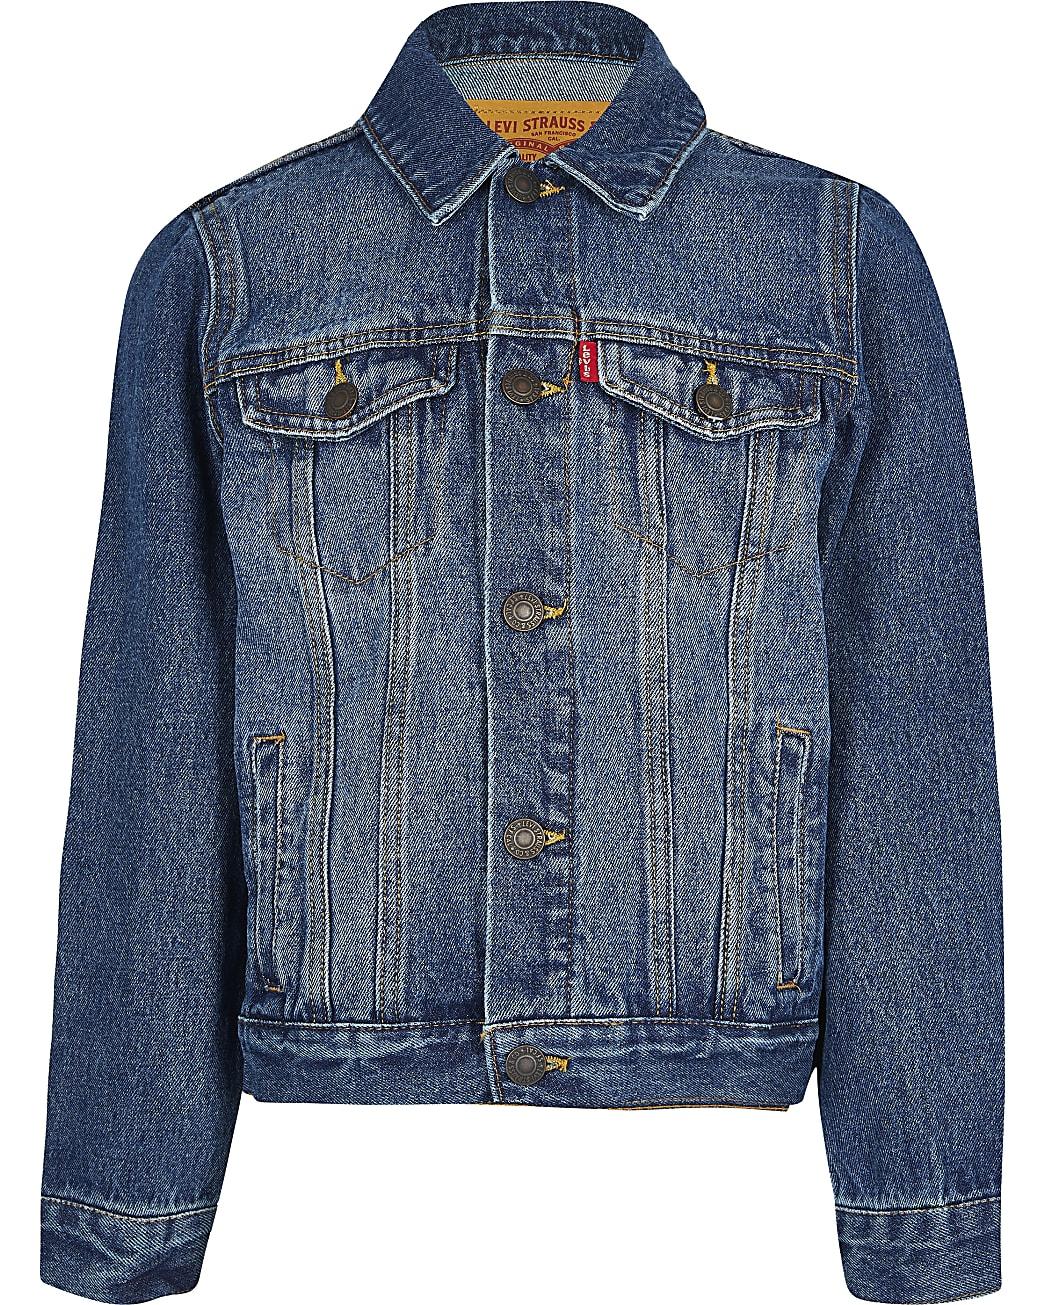 Boys blue Levi's denim jacket